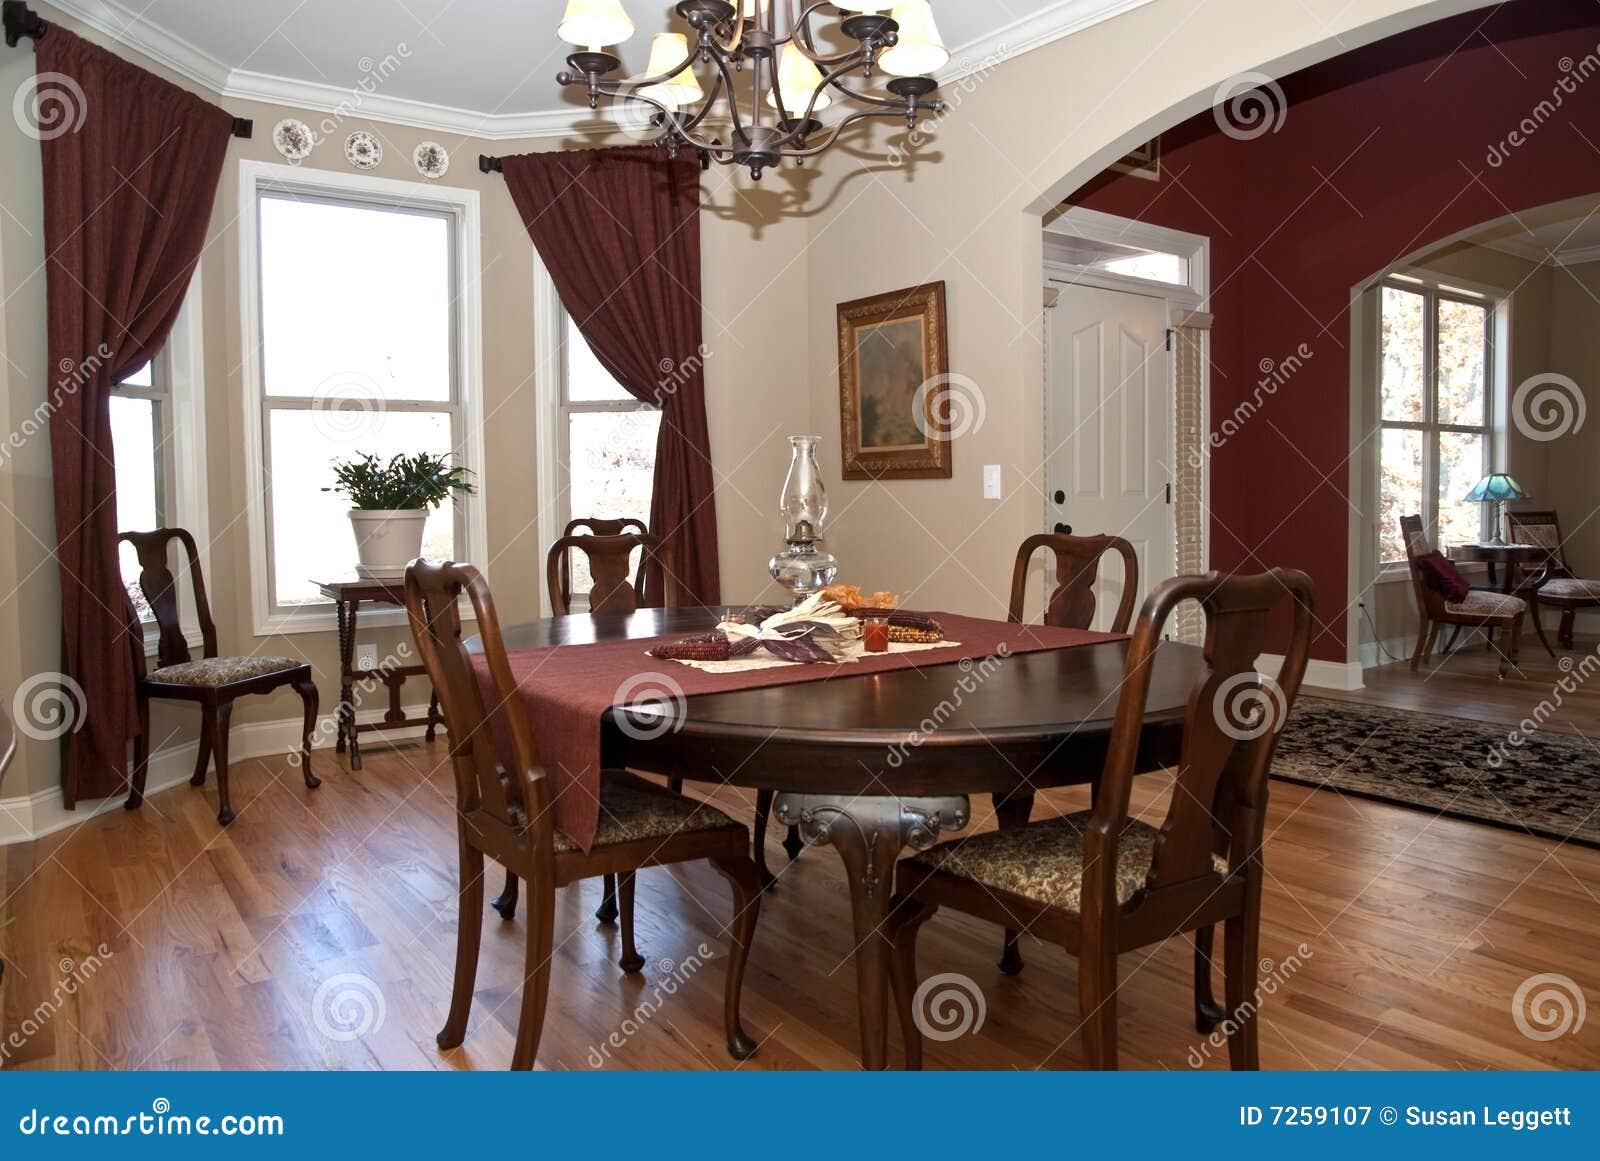 Home entrada sala de jantar modernas imagem de stock for Arredamento sala moderna